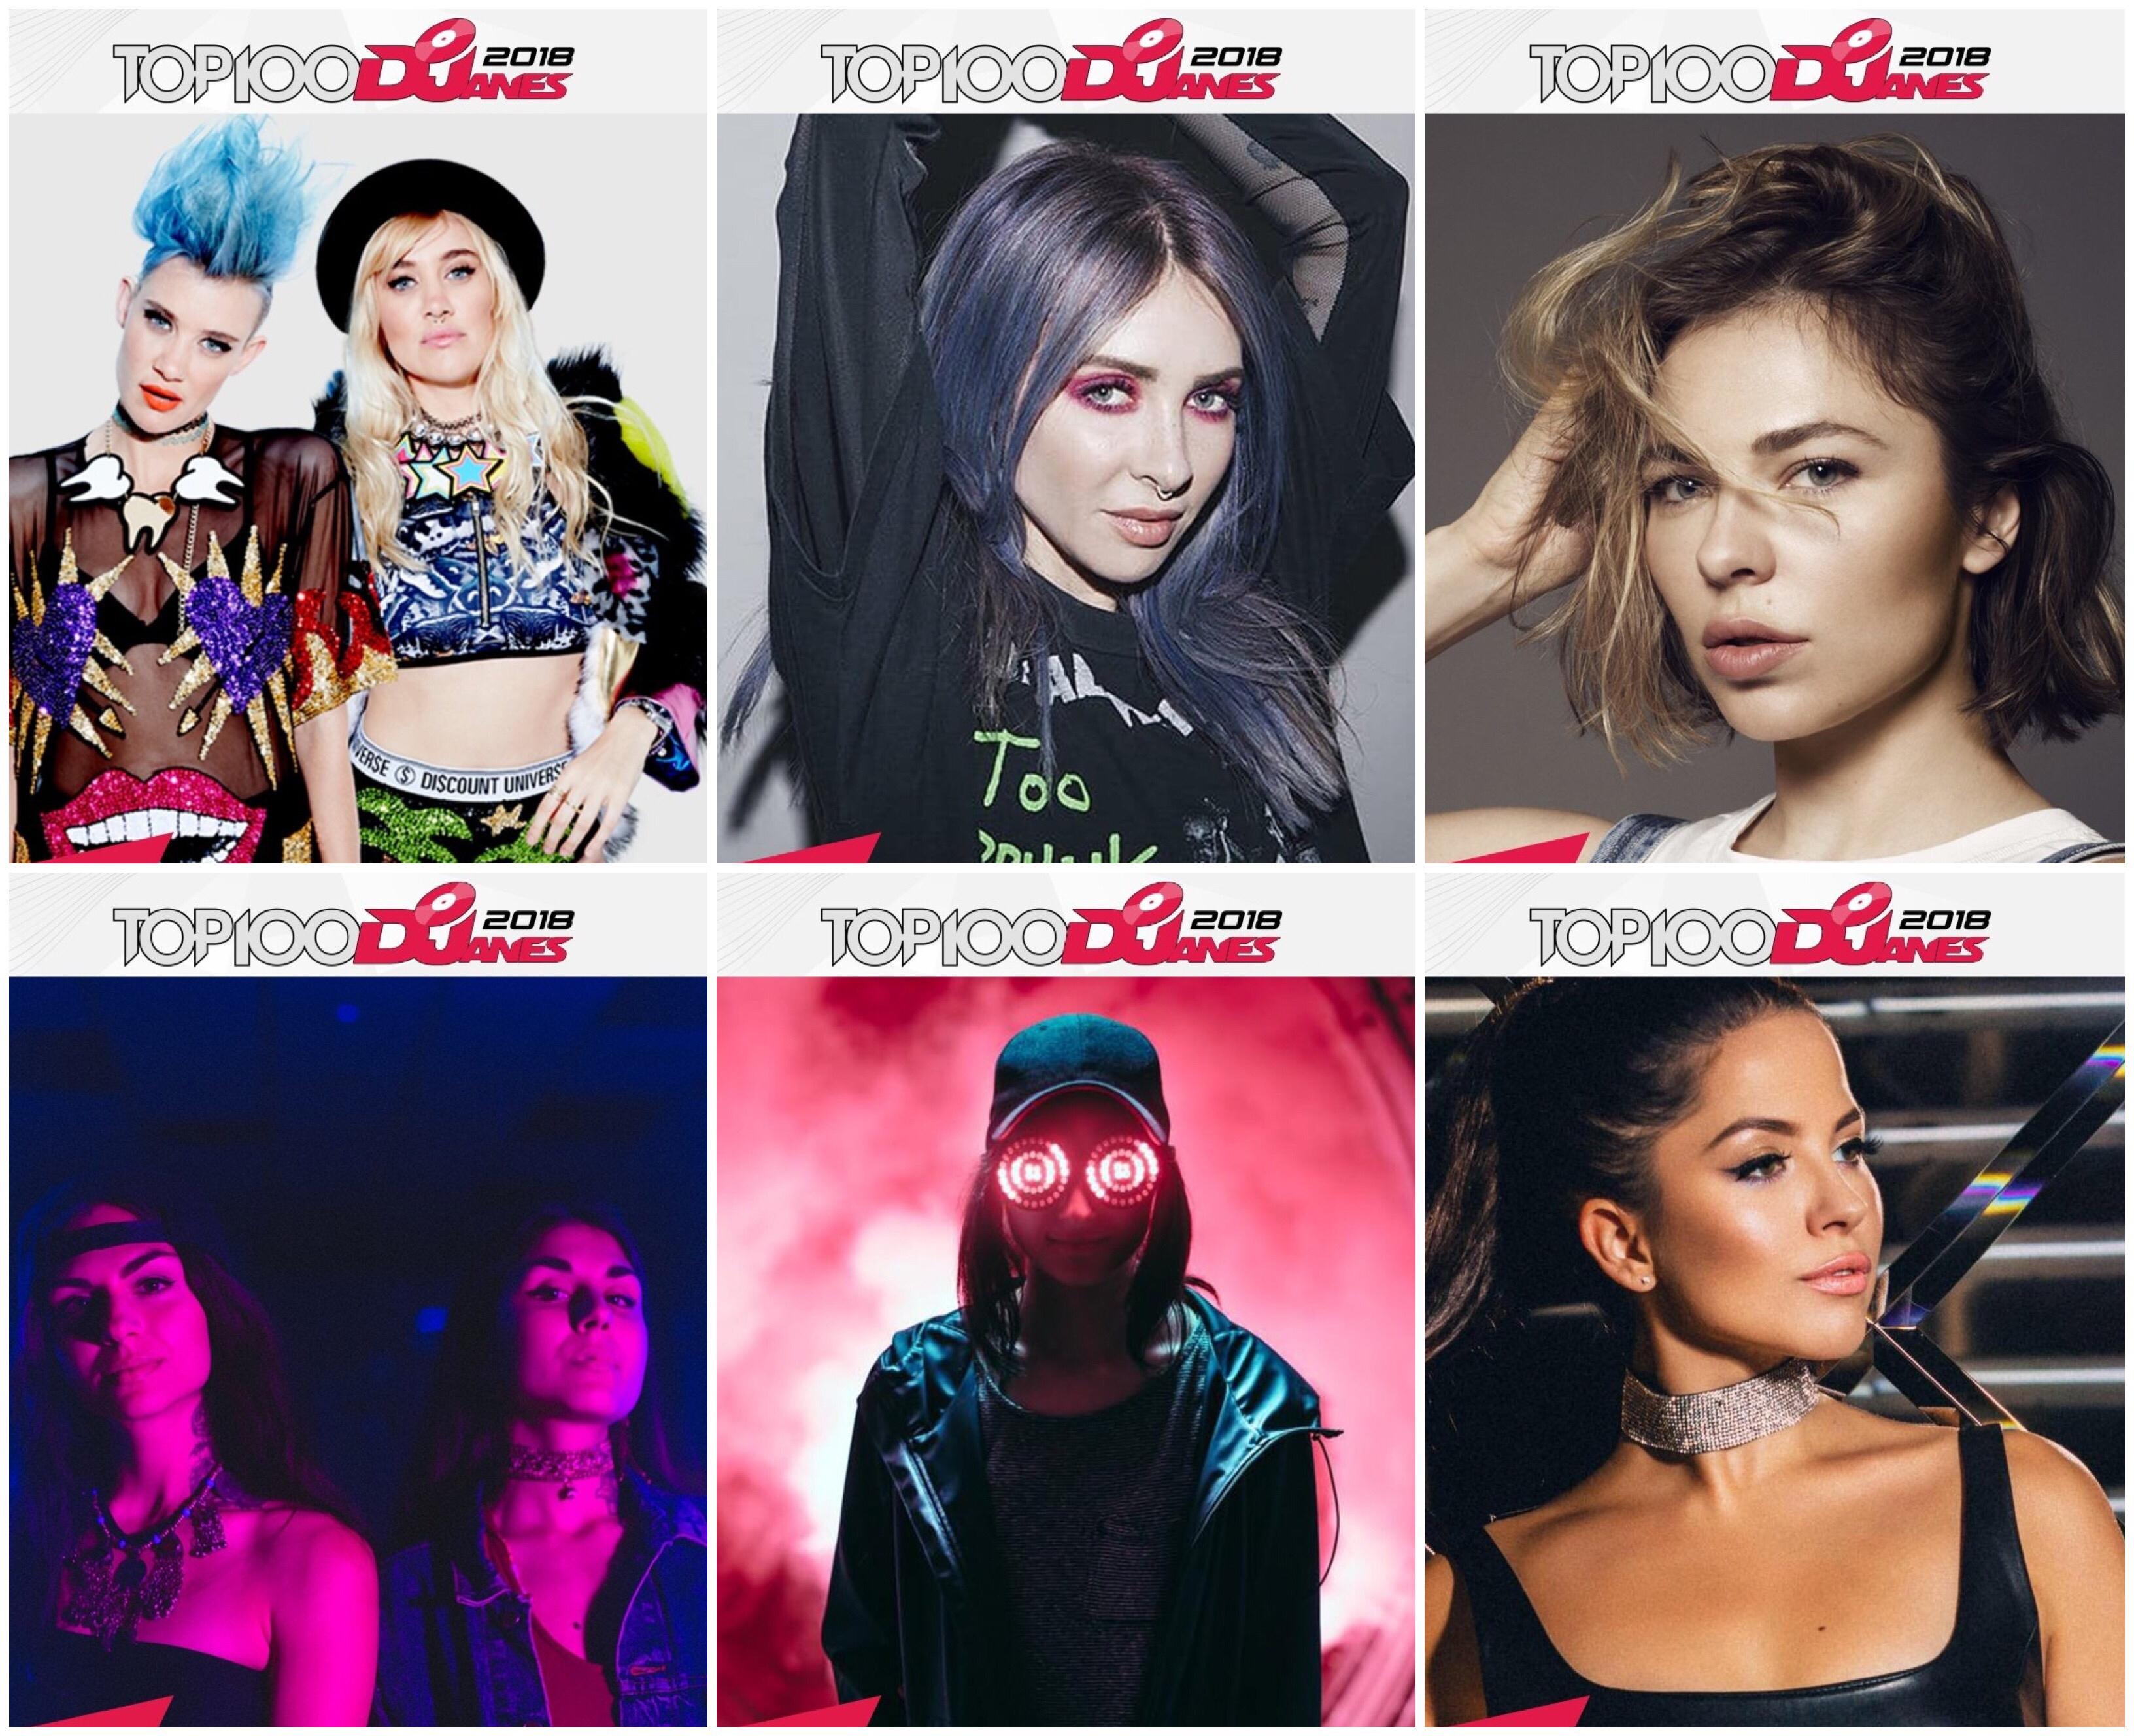 世界の女性DJランキング「Top100DJanes」と日本の女性DJランキング「Top40DJanes」が発表!